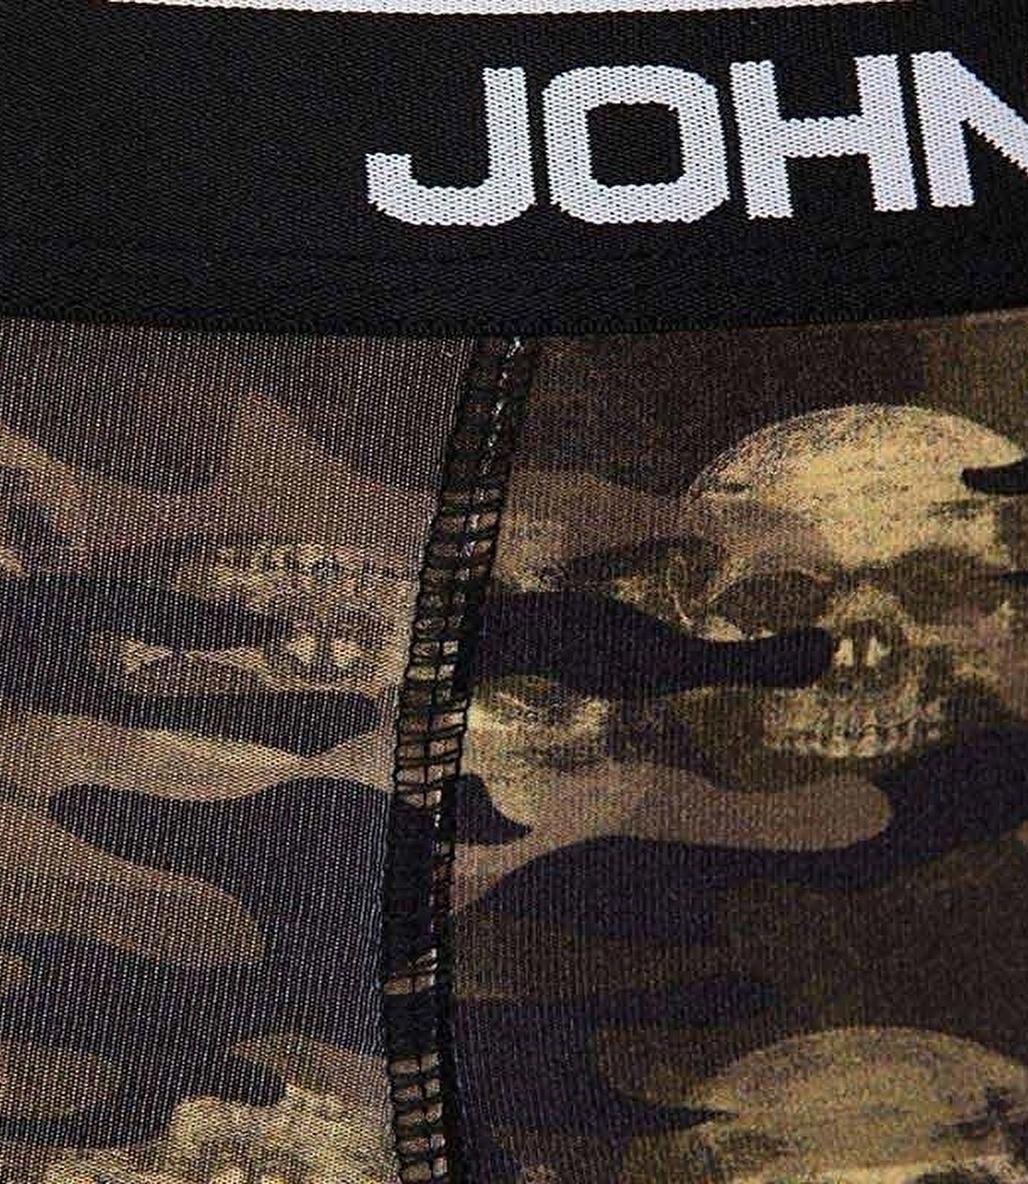 John Frank Dijital Baskılı Boxer Yeşil - Camo Skull